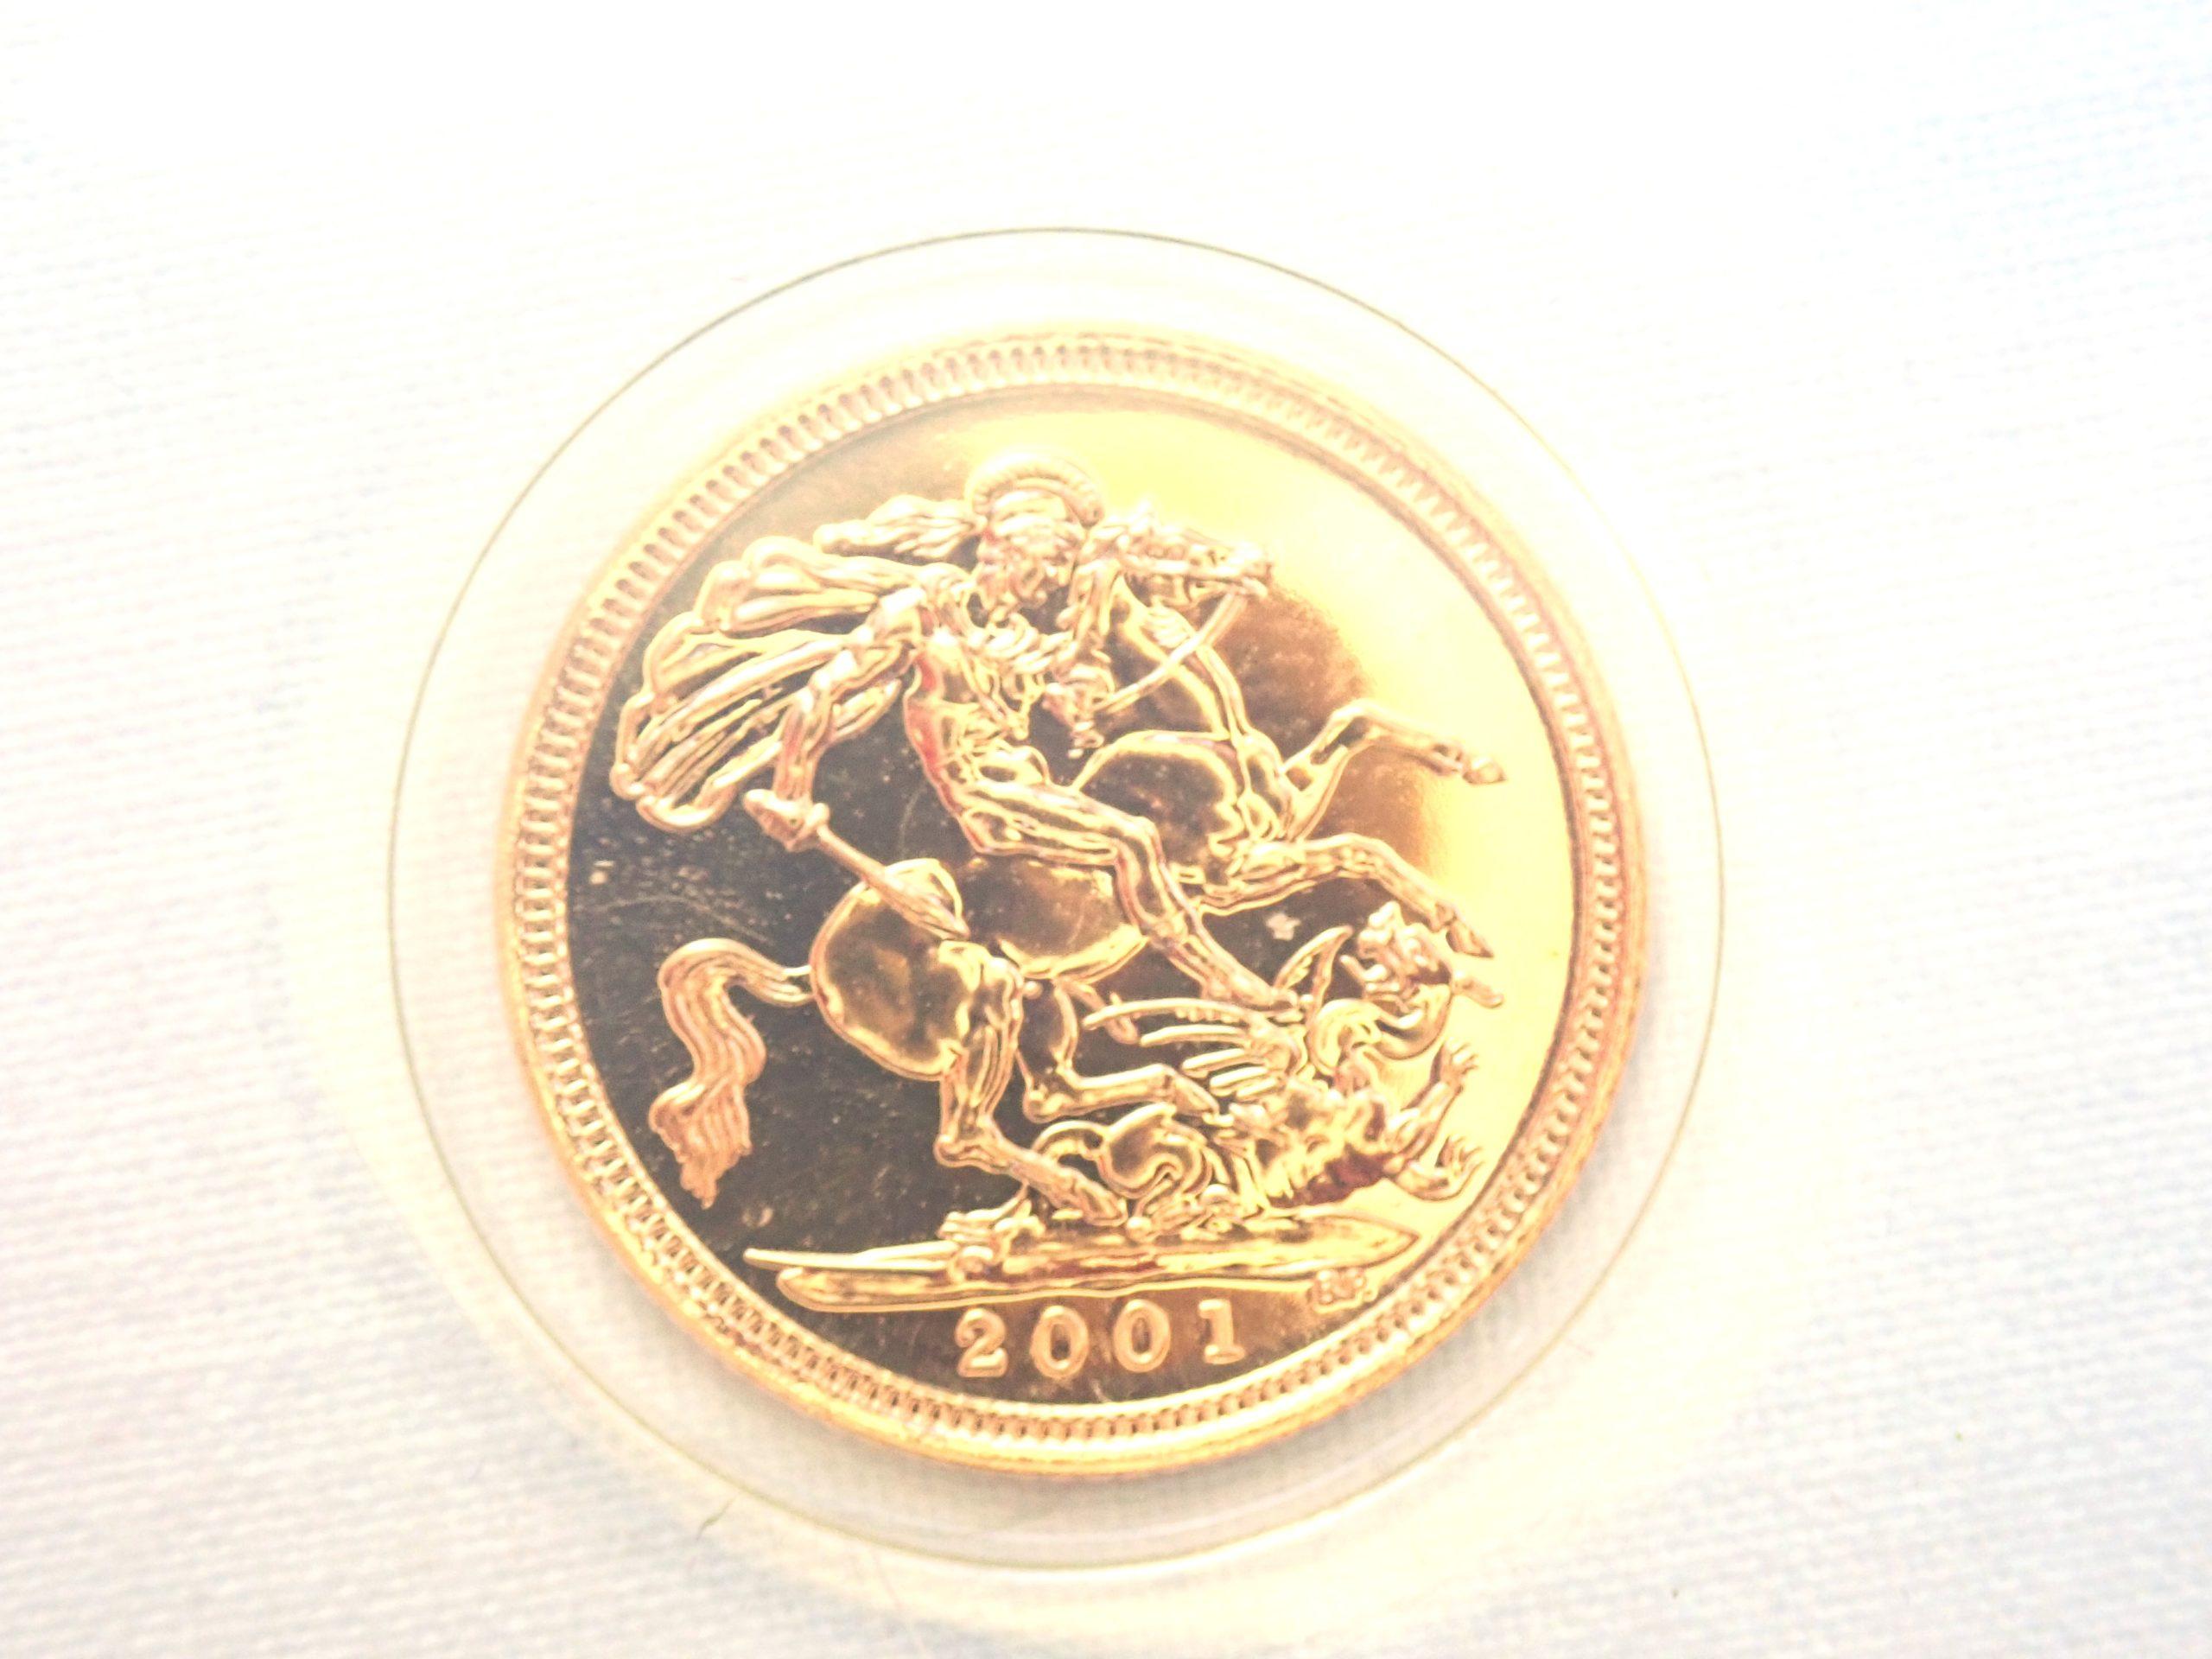 Boxed 2001 Proof Gold Half Sovereign 22k Elizabeth II 2001 #175